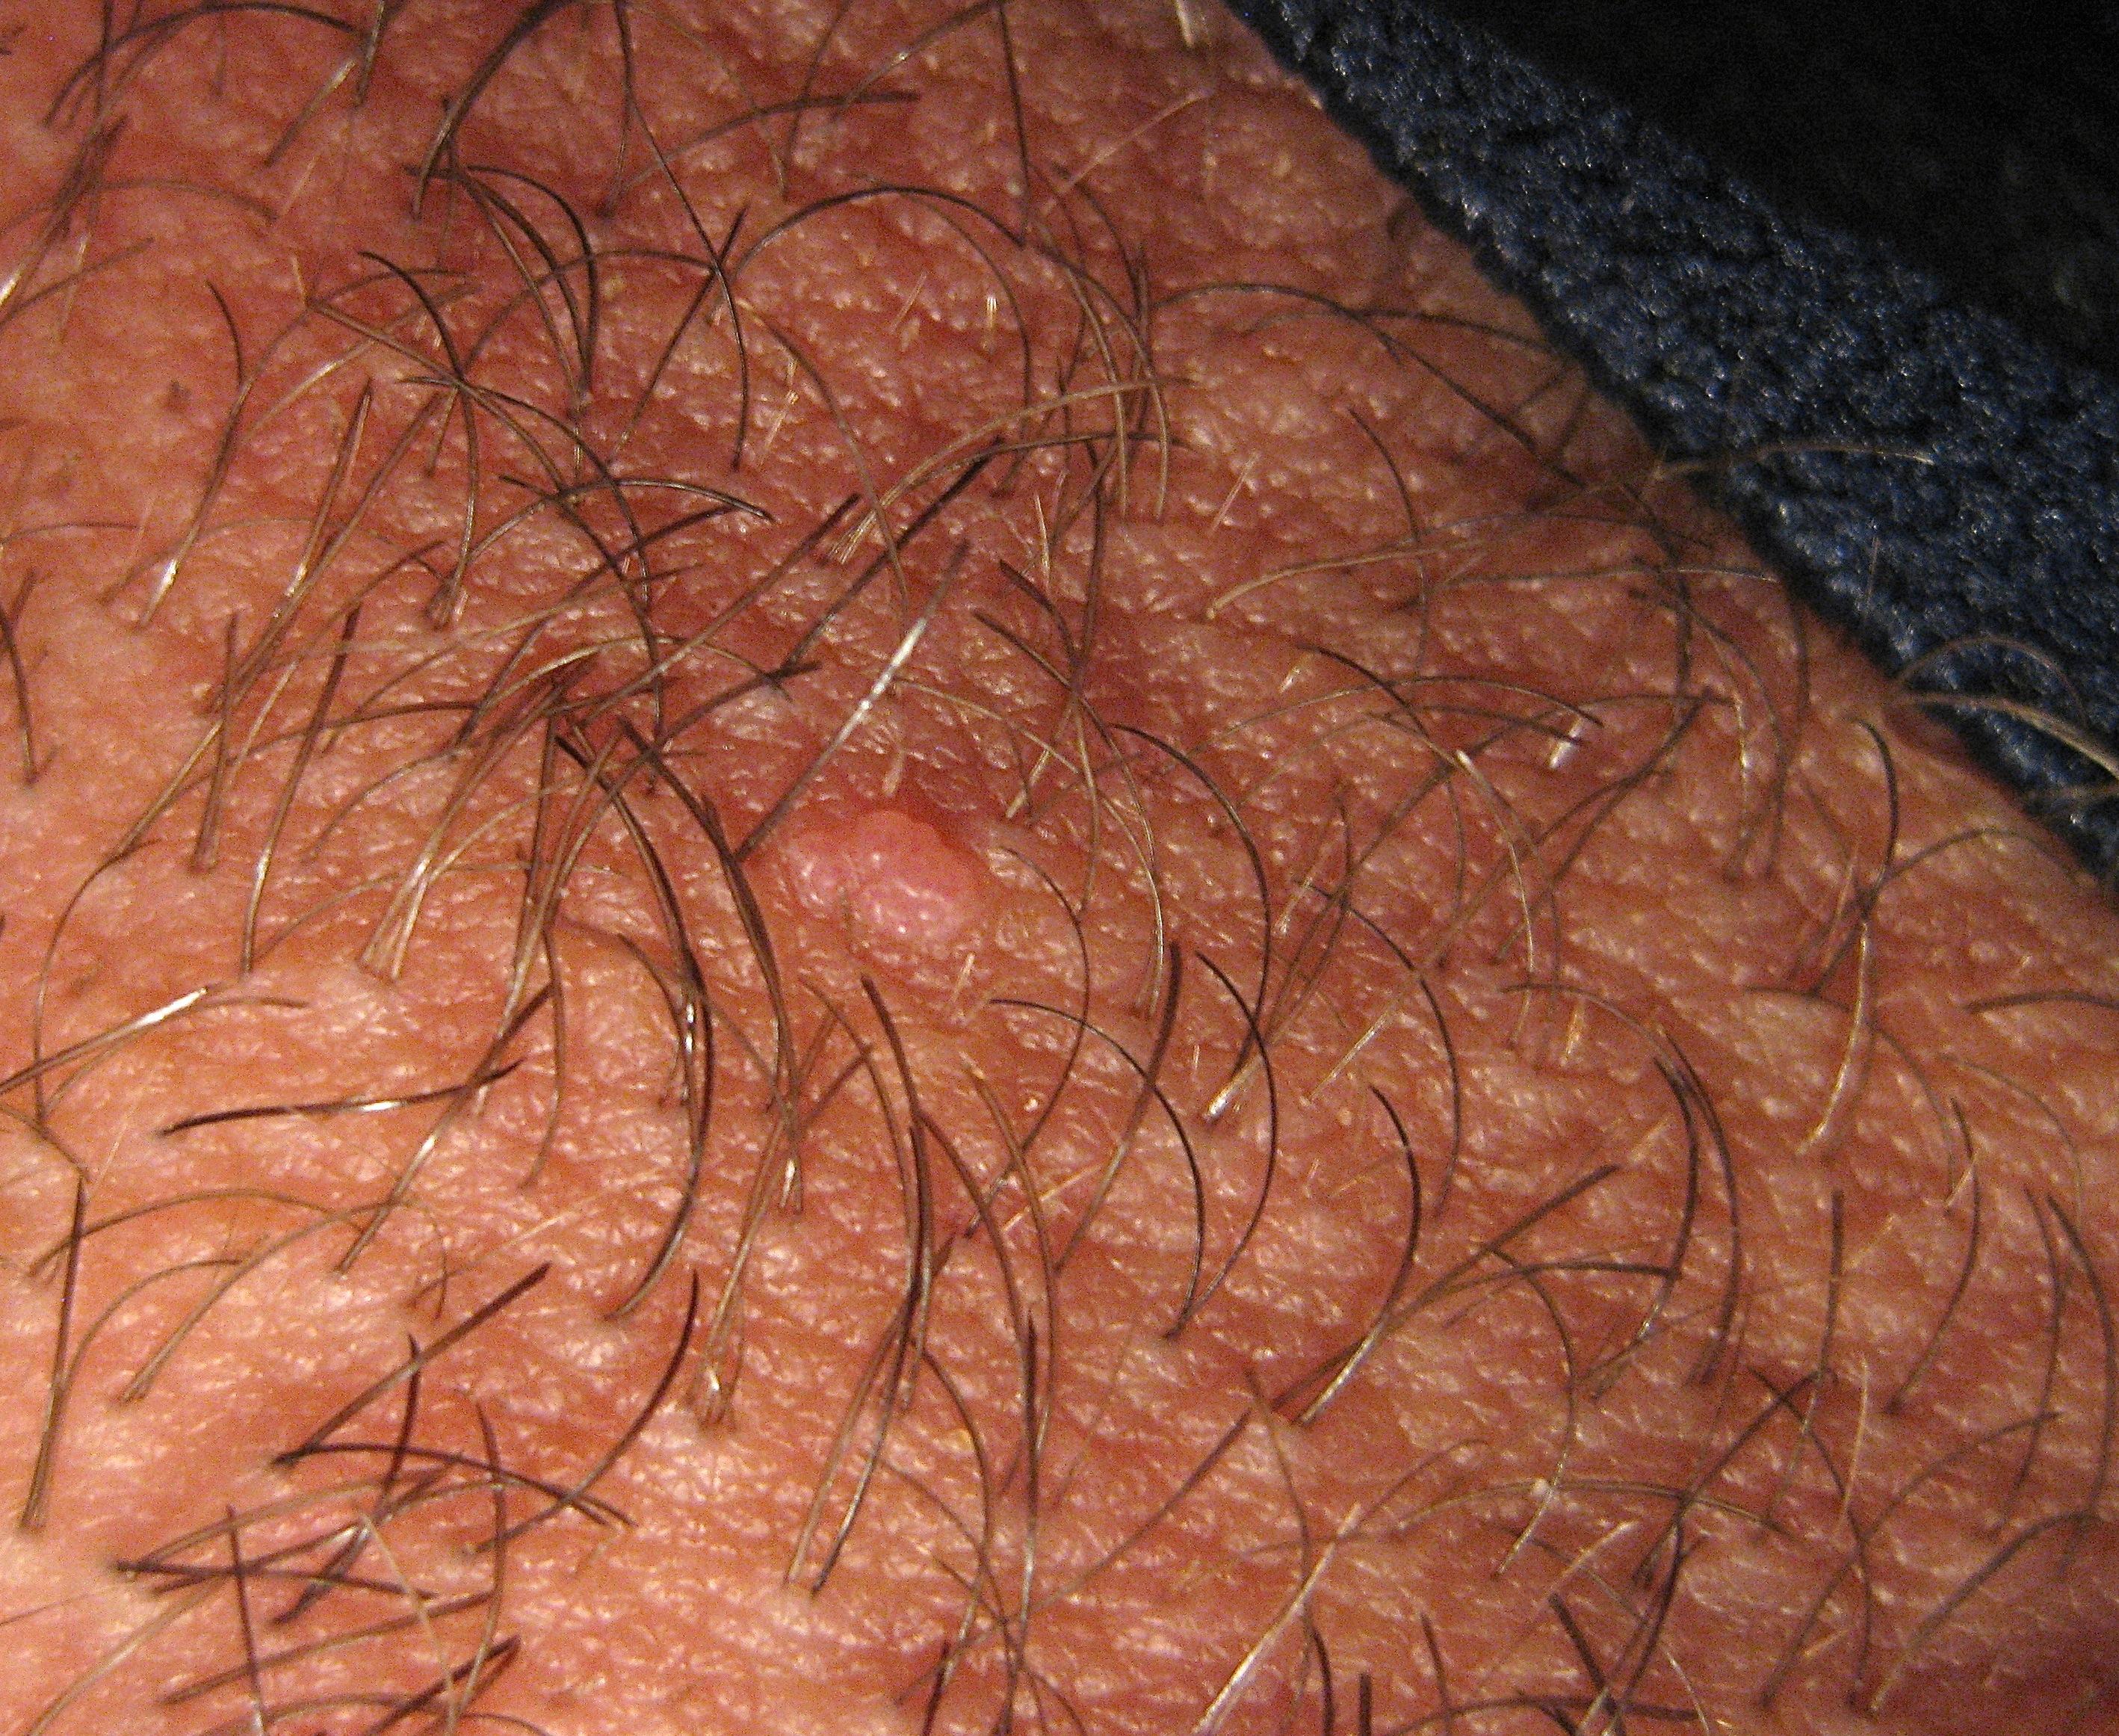 Molluscum contagiosum - uptodate.com